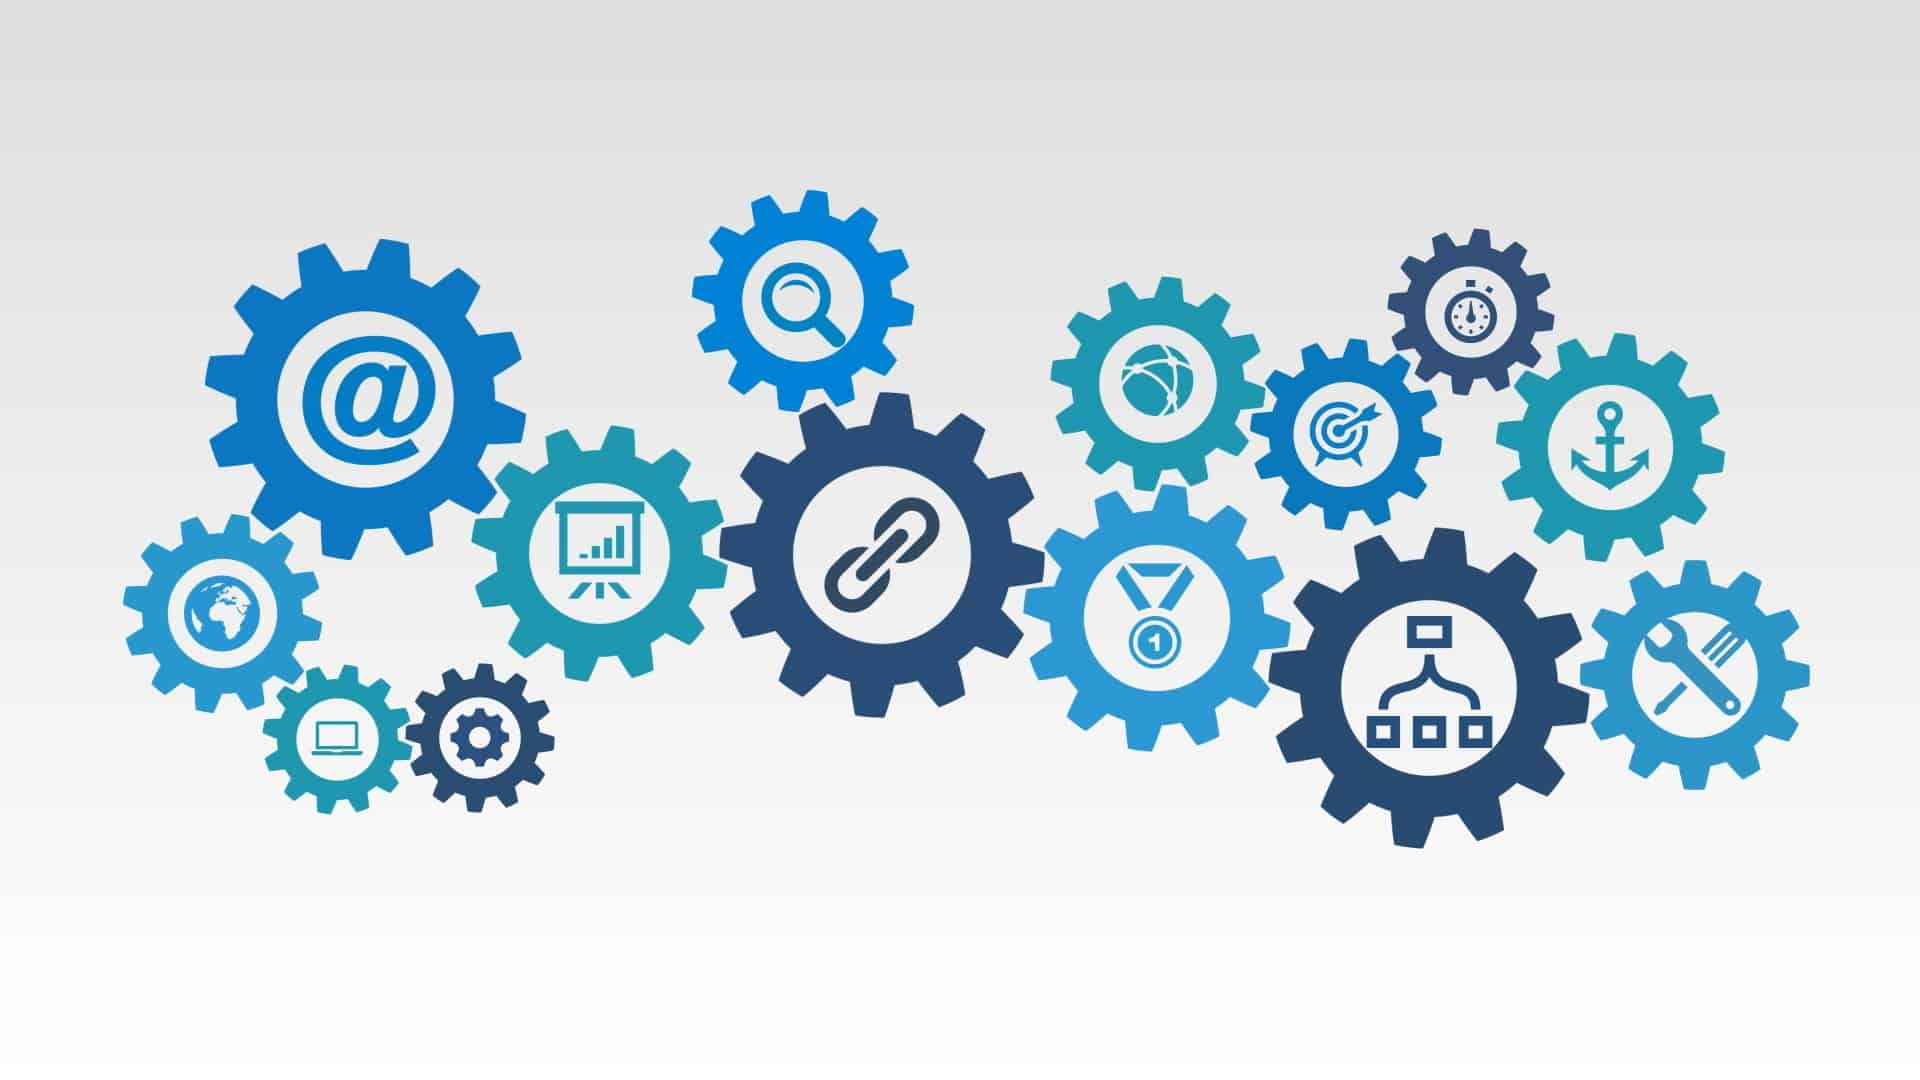 Hoe optimaliseer ik mijn klantenservice?